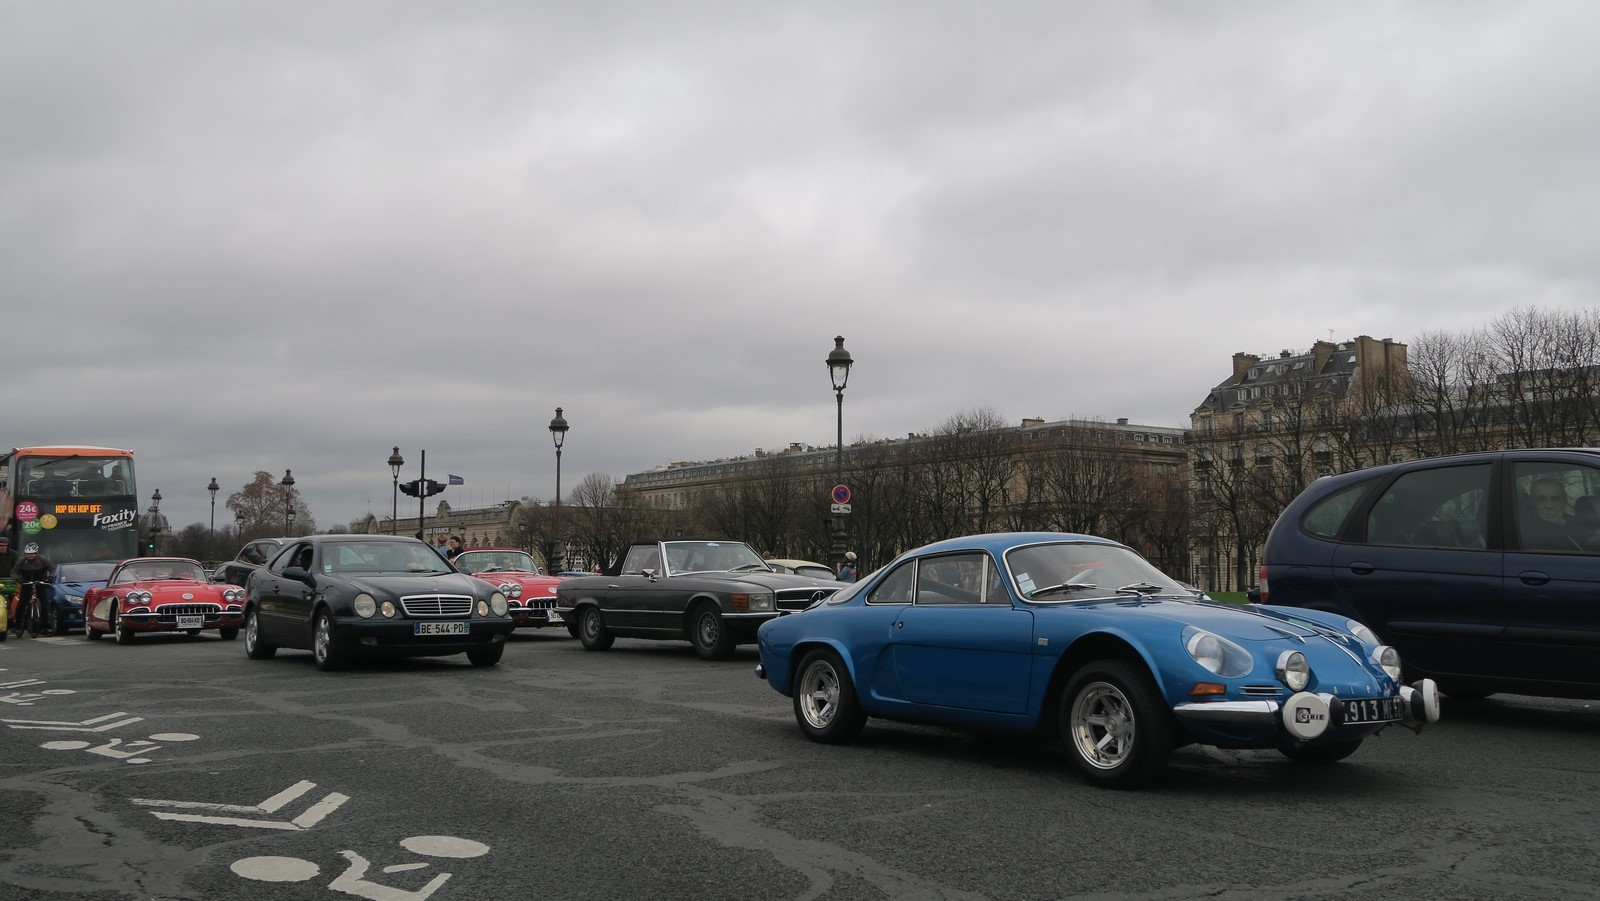 Traversee de Paris hivernale 2019 FM 99